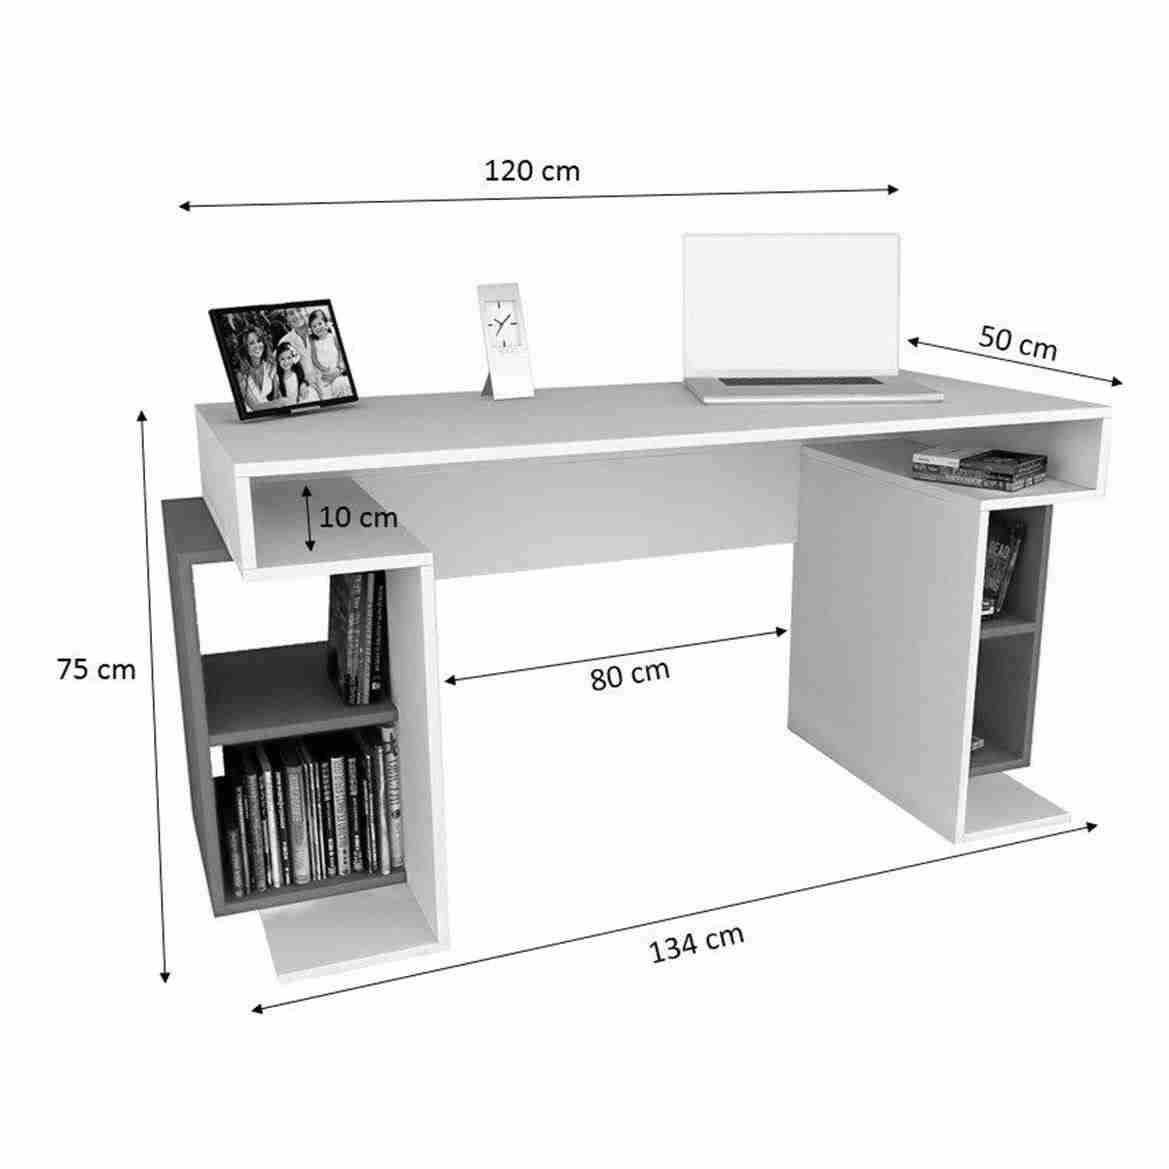 مكتب خشب مودرن يشمل ارفف جانبية مقاس 120سم - اثاث مكتبي